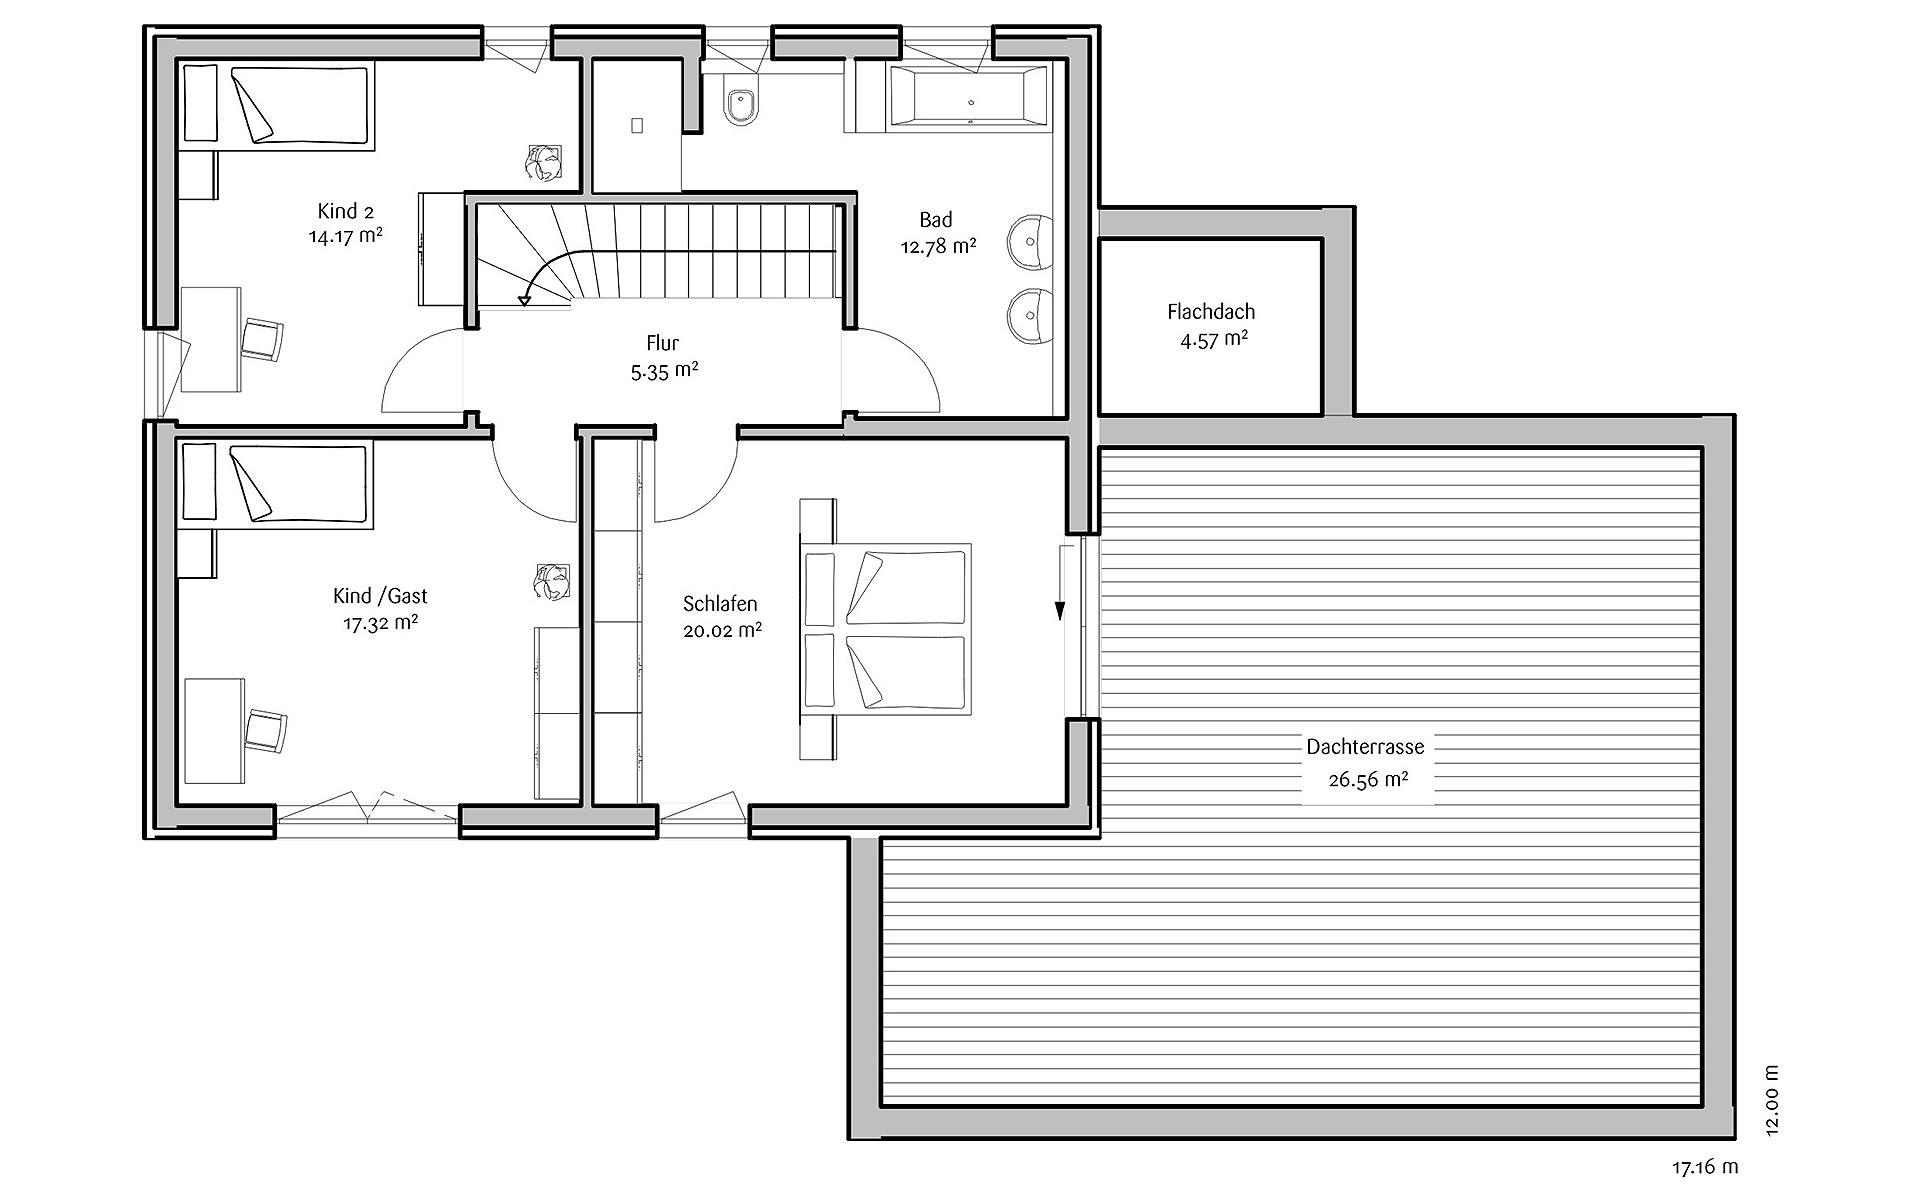 Dachgeschoss LaCasa Generationo von FischerHaus GmbH & Co. KG